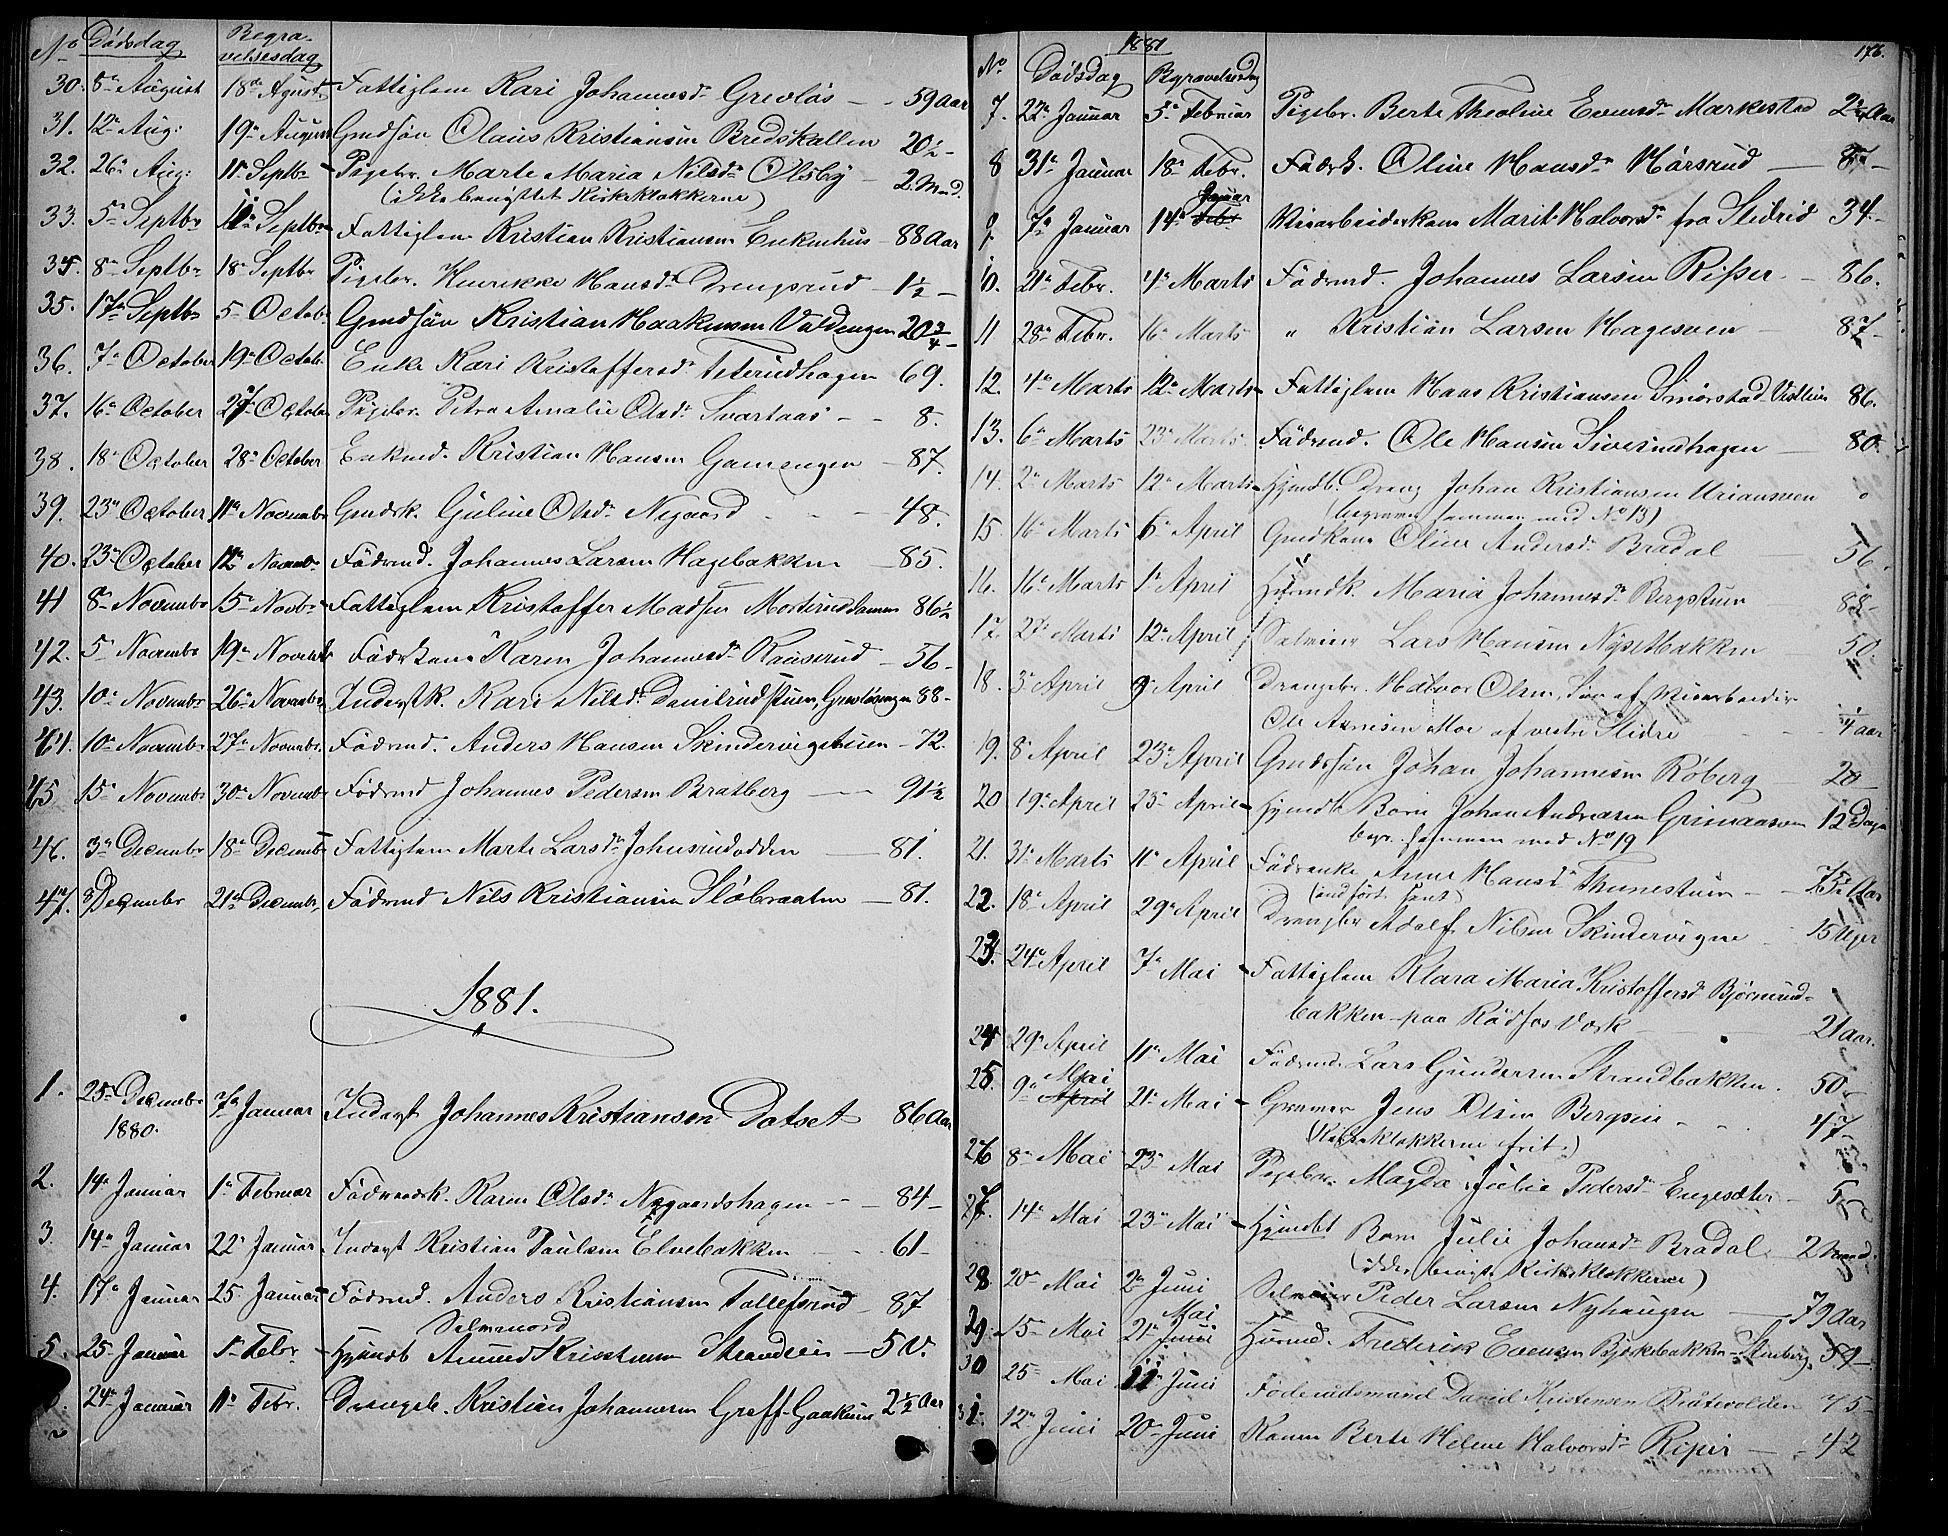 SAH, Vestre Toten prestekontor, H/Ha/Hab/L0006: Klokkerbok nr. 6, 1870-1887, s. 176